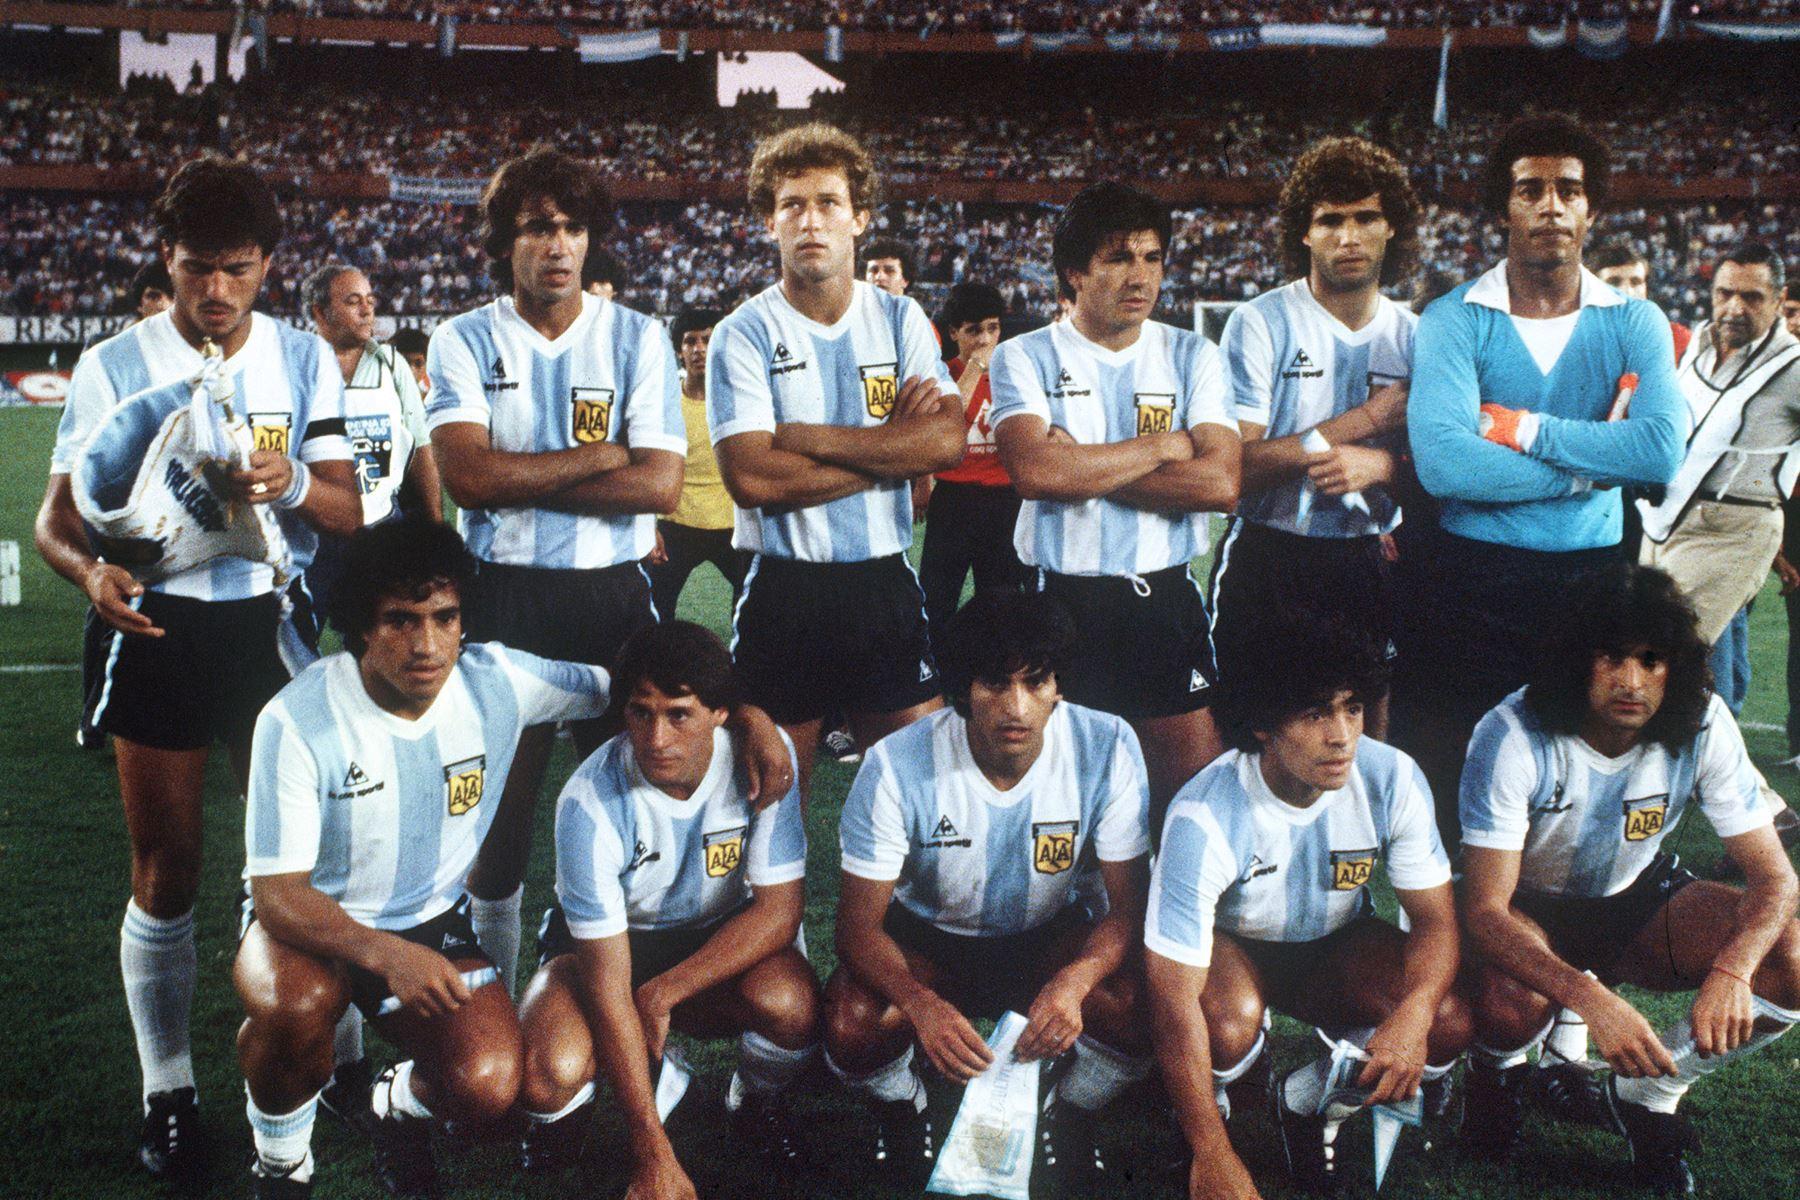 Foto de archivo de fecha 03 de mayo de 1982 del equipo de fútbol de Argentina, clasificado para la ronda final de la Copa del Mundo de 1982. Foto: AFP